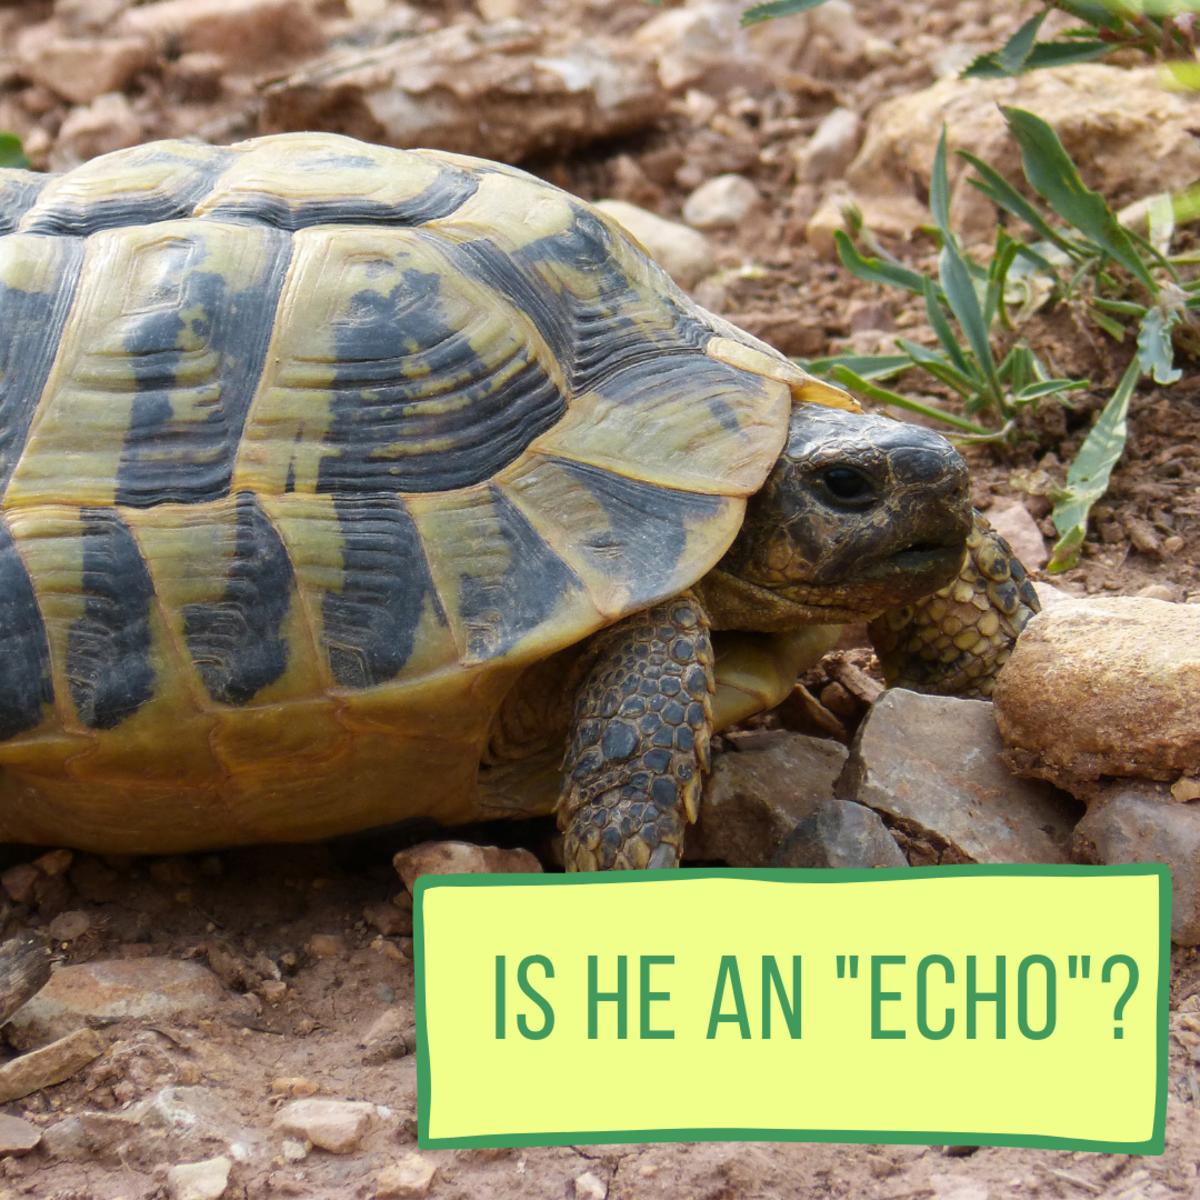 Is he an Echo?